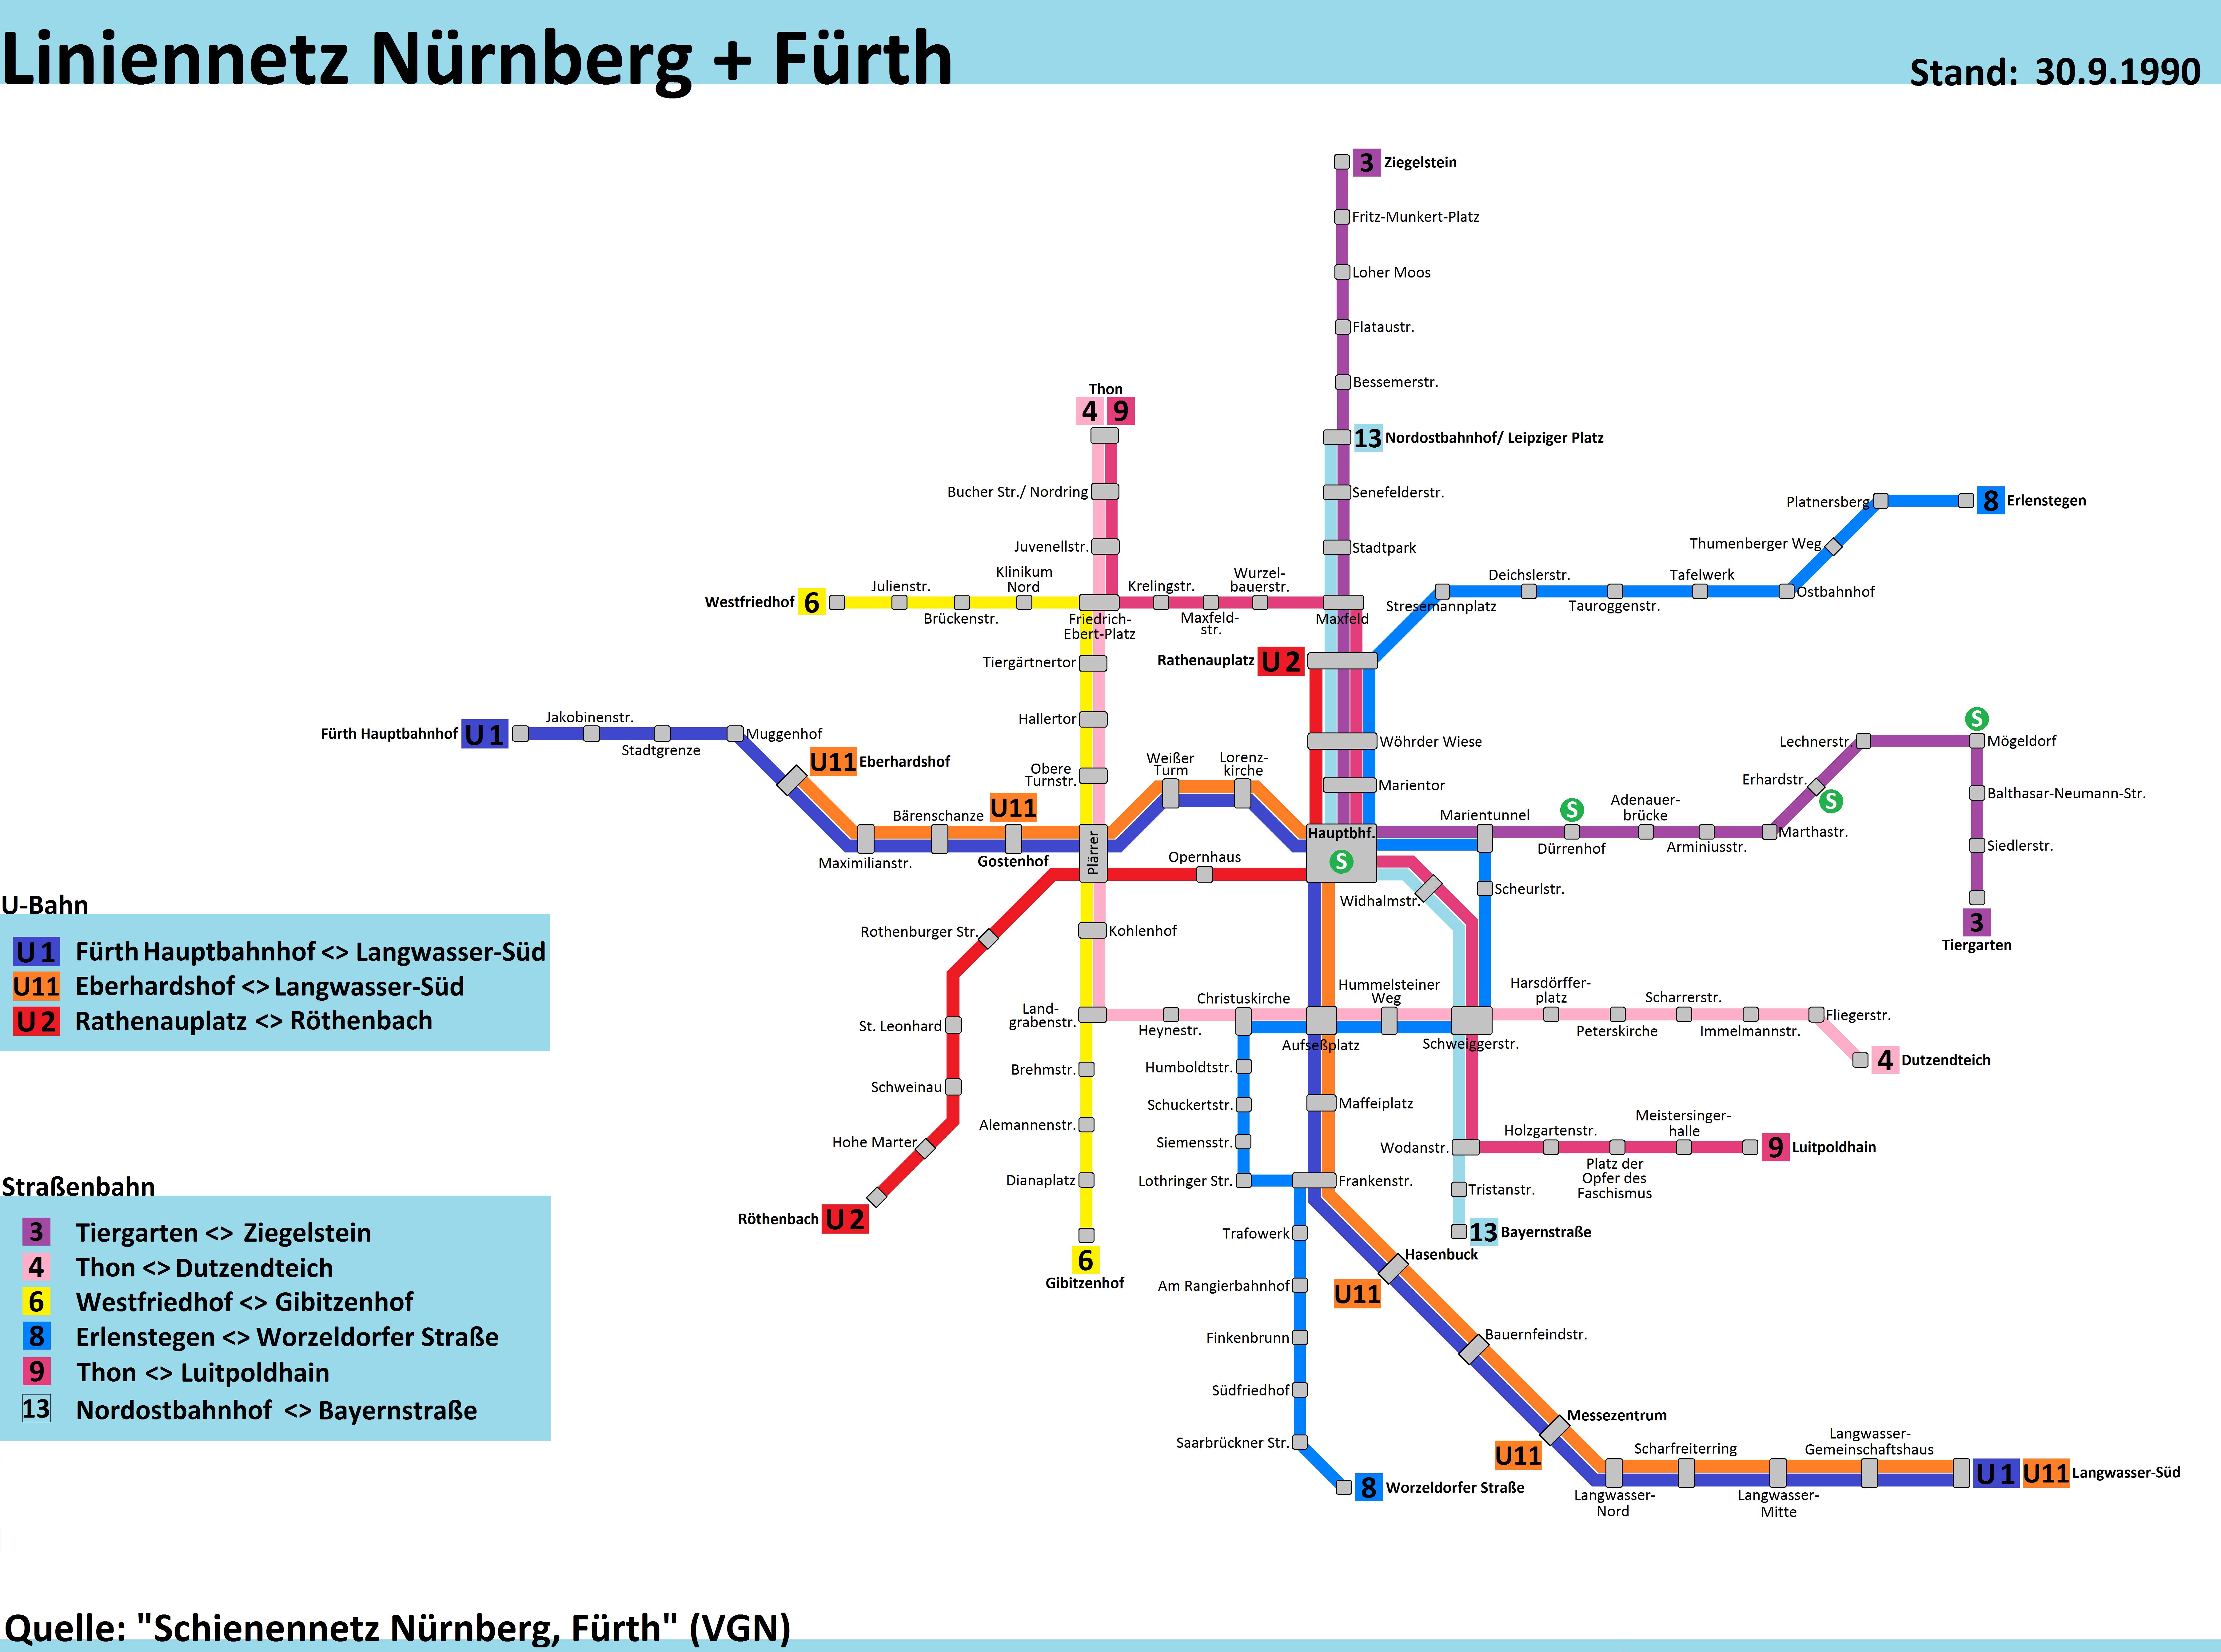 Dateiliniennetz Nürnberg Fürth 3091990png Wikipedia